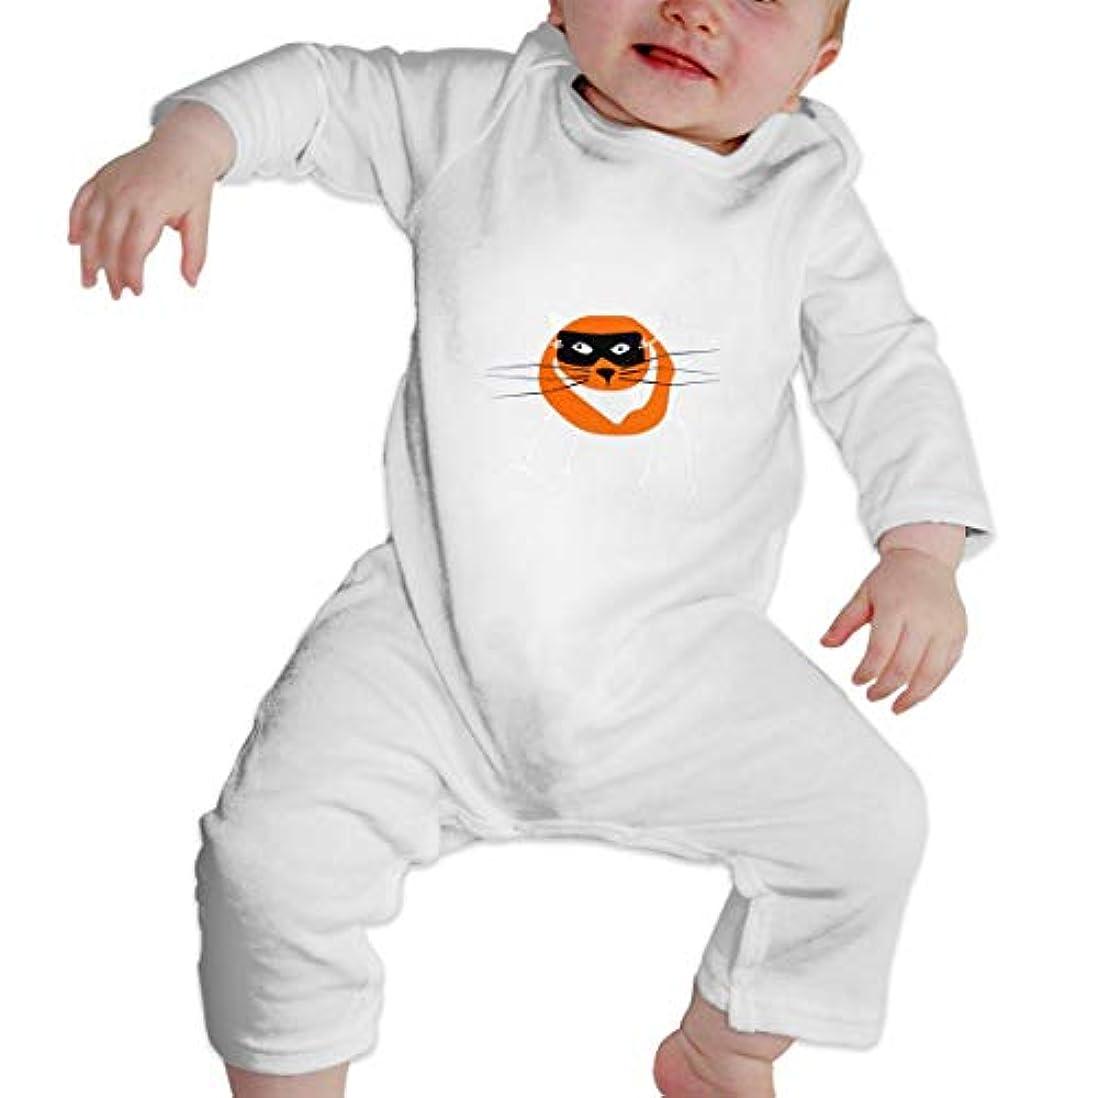 思想ペルソナ許すCatawakiハロウィン2の急襲 女の赤ちゃん女の赤ちゃん長袖ジャンプスーツコットンプリントラウンドネックソフト通気性ジャンプスーツ底入れ